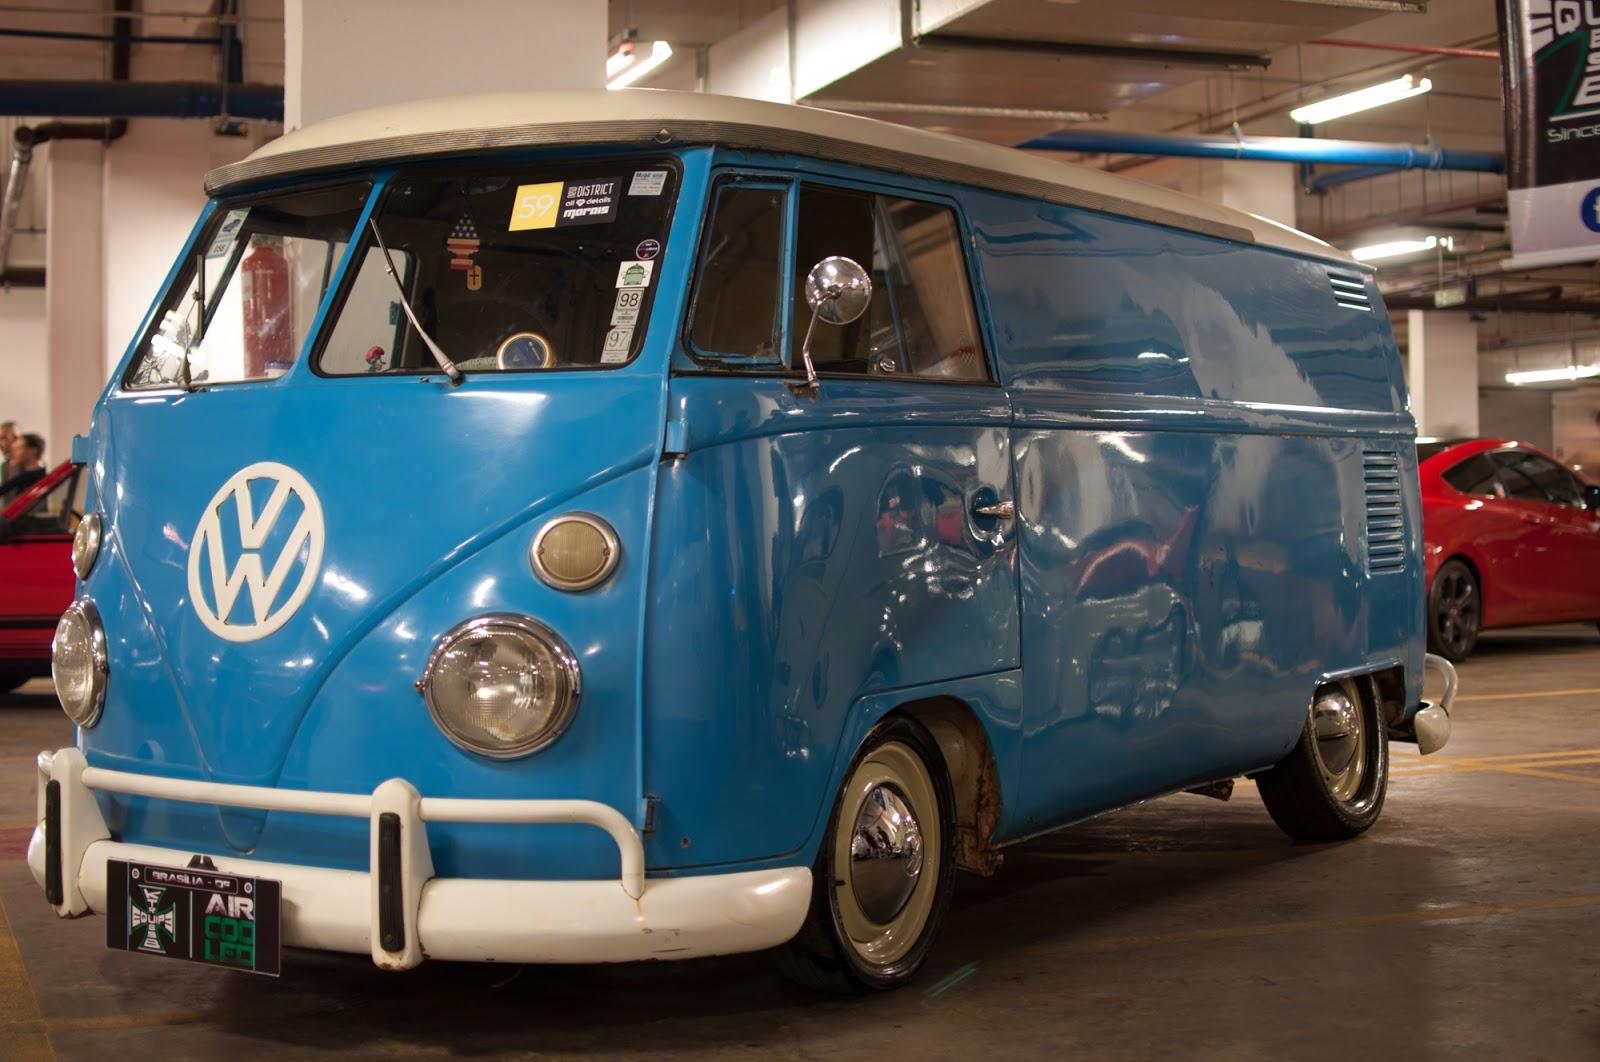 Carros modificados, possantes antigos e máquinas desejadas em exposição na garagem do Brasília Shopping